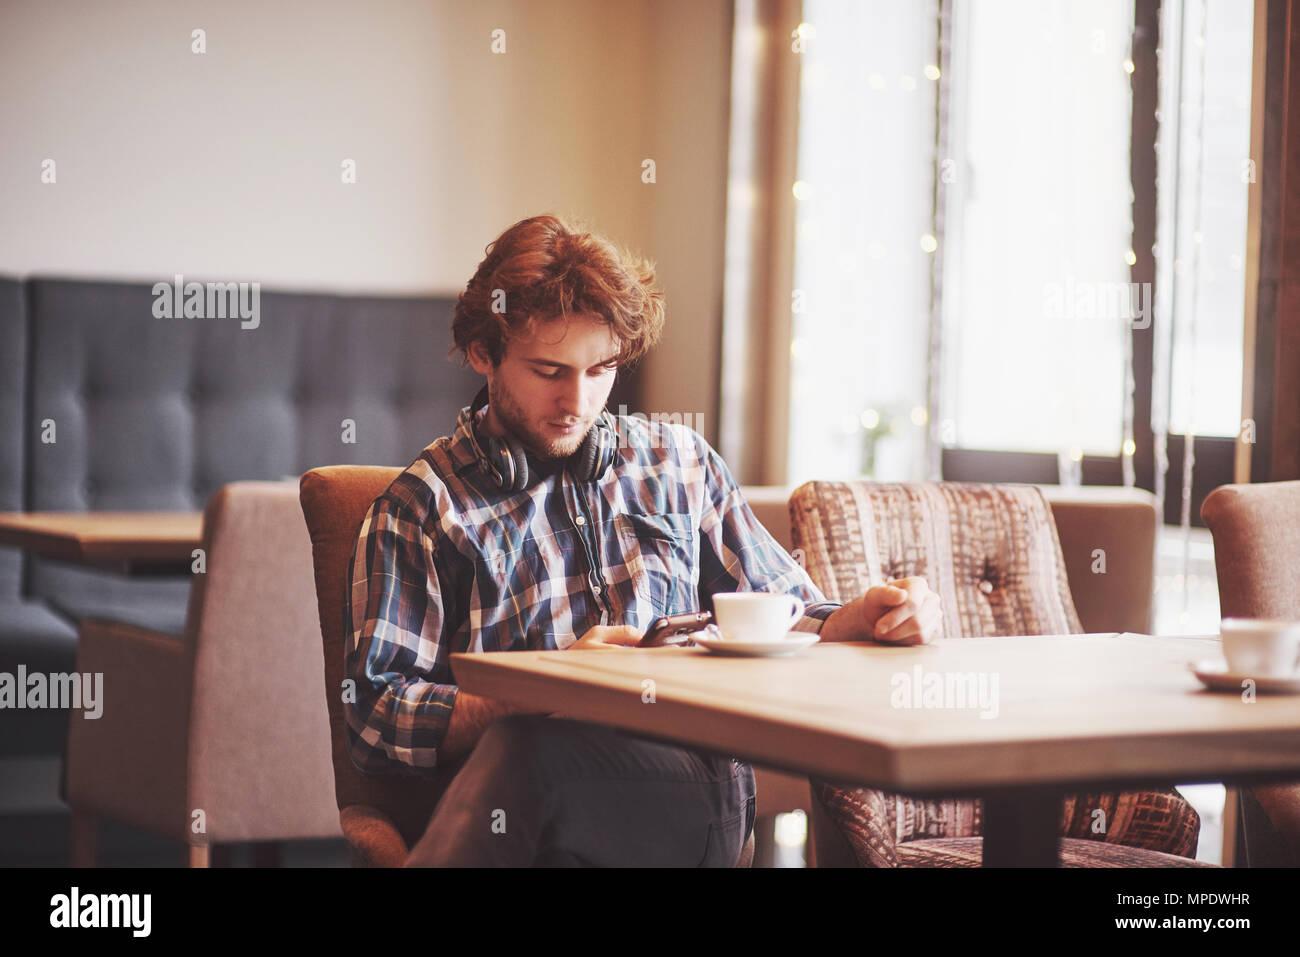 Uomo felice proprietario di caffè accogliente gioire nel proprio successo durante la seduta con touch pad sul tavolo da pranzo, sorridente azienda maschio tavoletta digitale e pensa a qualcosa di buono durante il pranzo nella caffetteria Immagini Stock